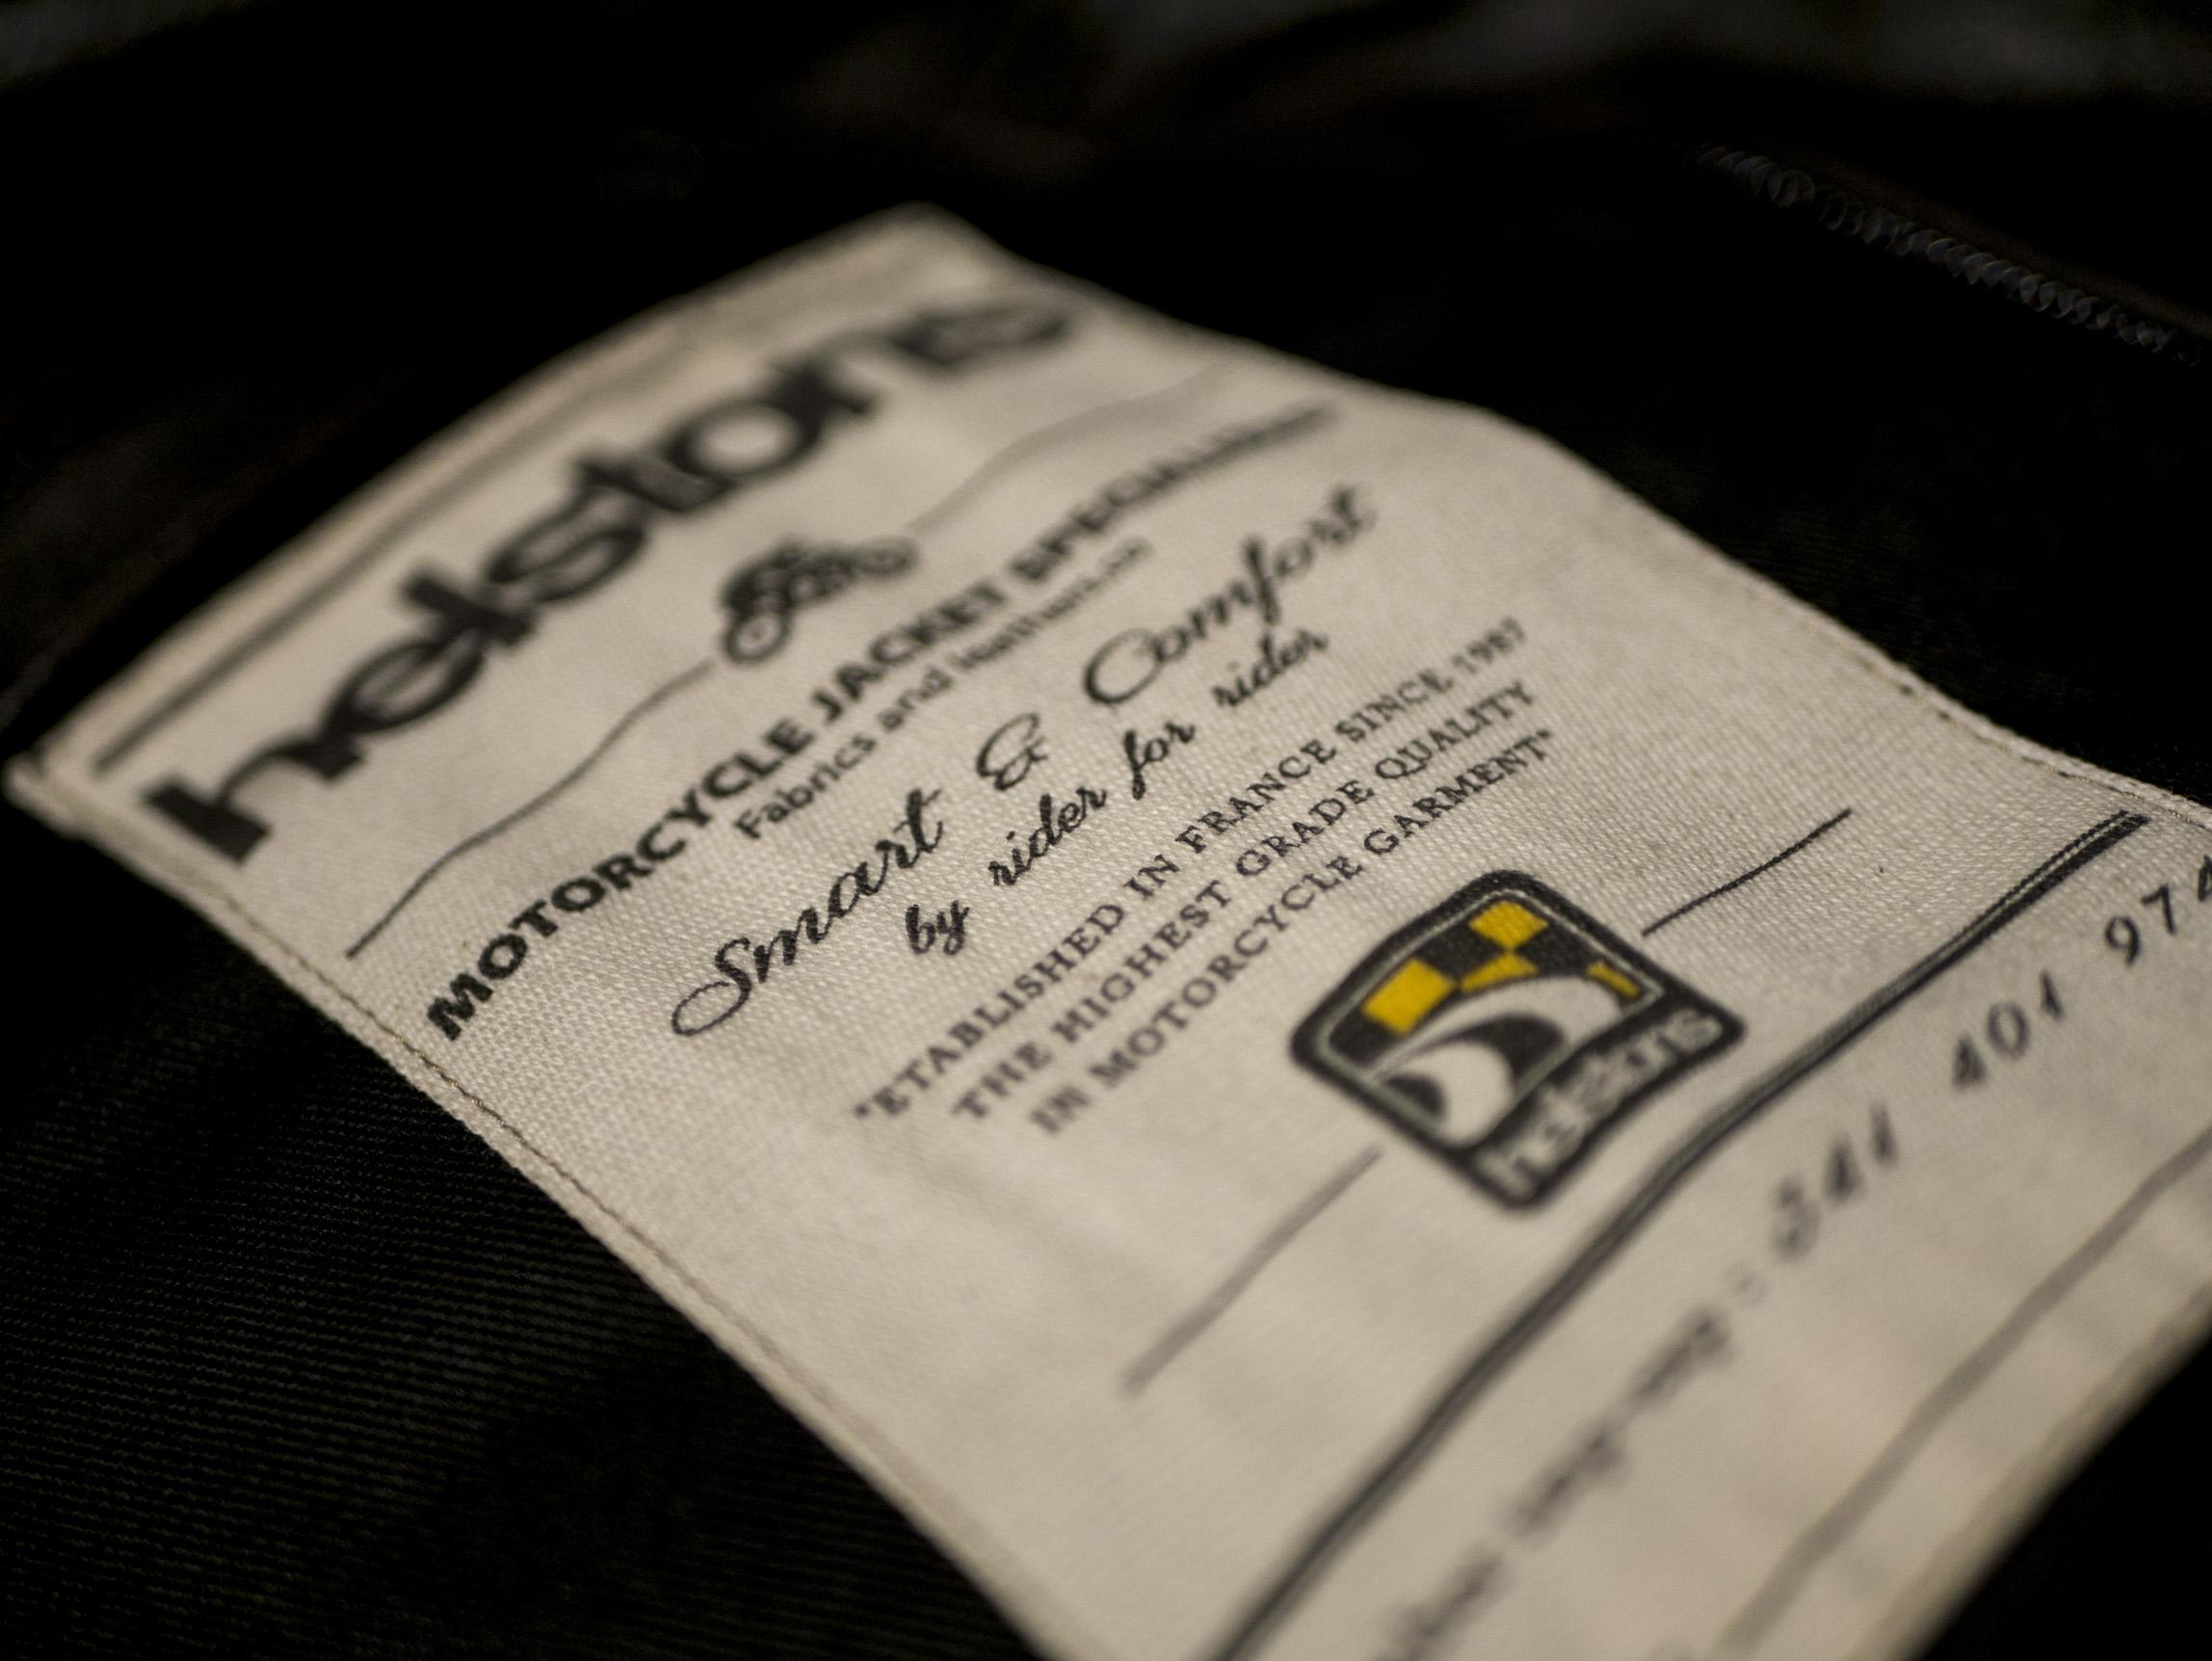 étiquette cousue dans le blouson Helstons Benji Fender